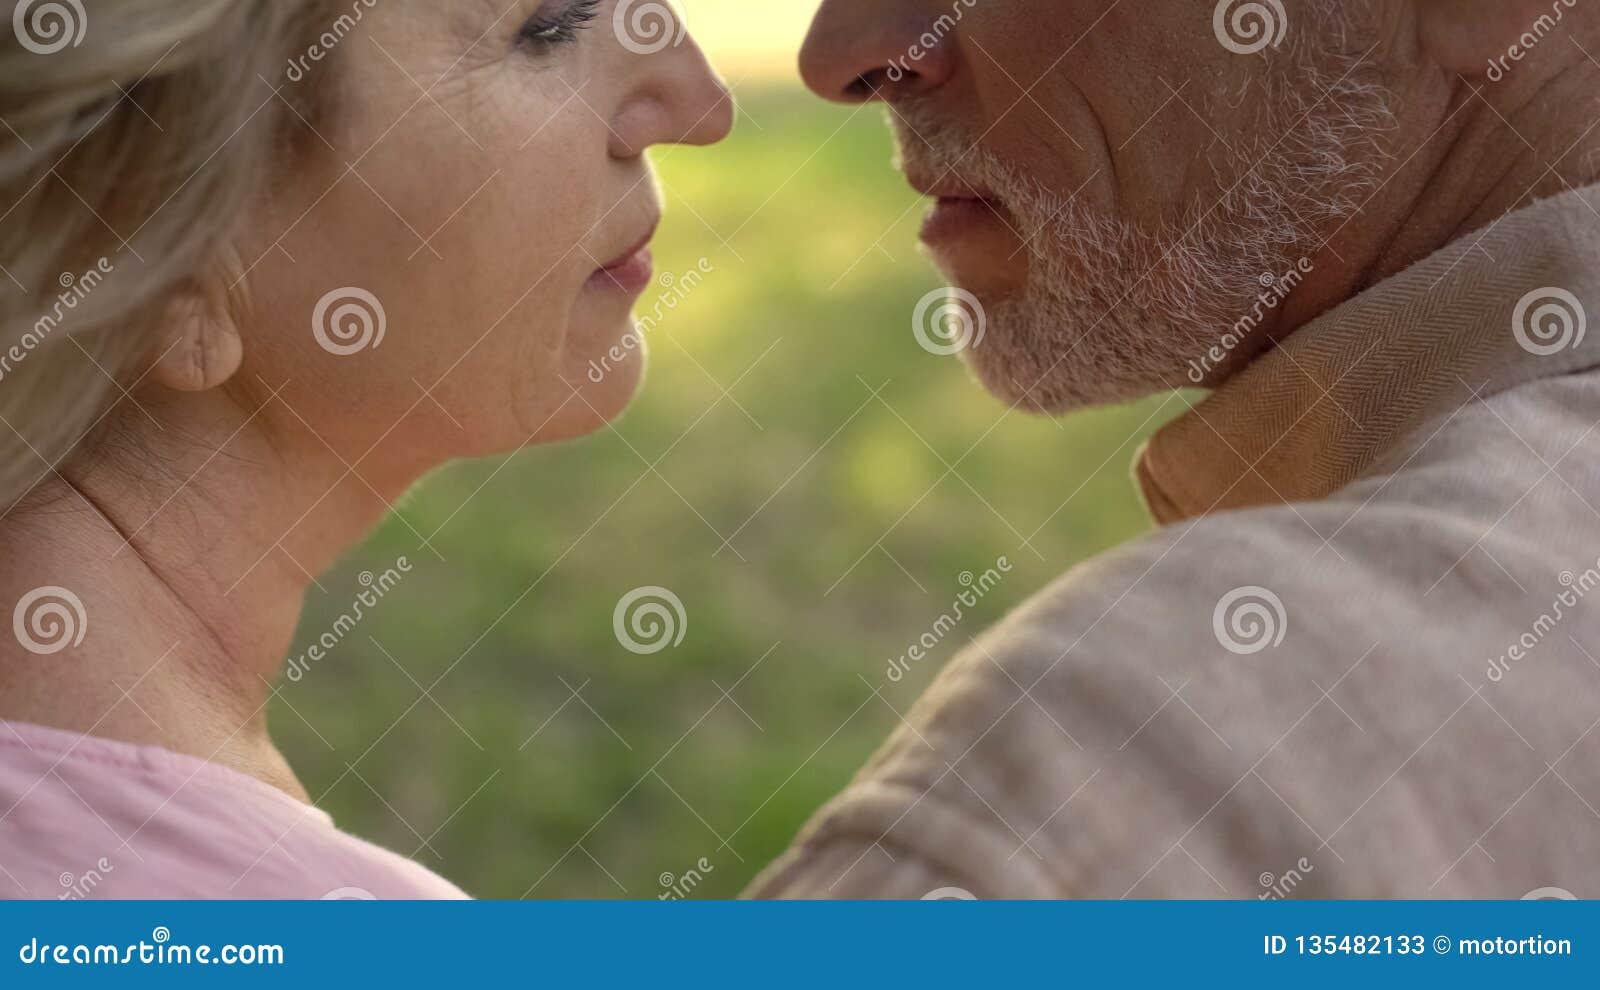 Συνταξιούχοι σύζυγος και σύζυγος που απολαμβάνουν το χρόνο μαζί, στενότητα ζευγών, πάθος